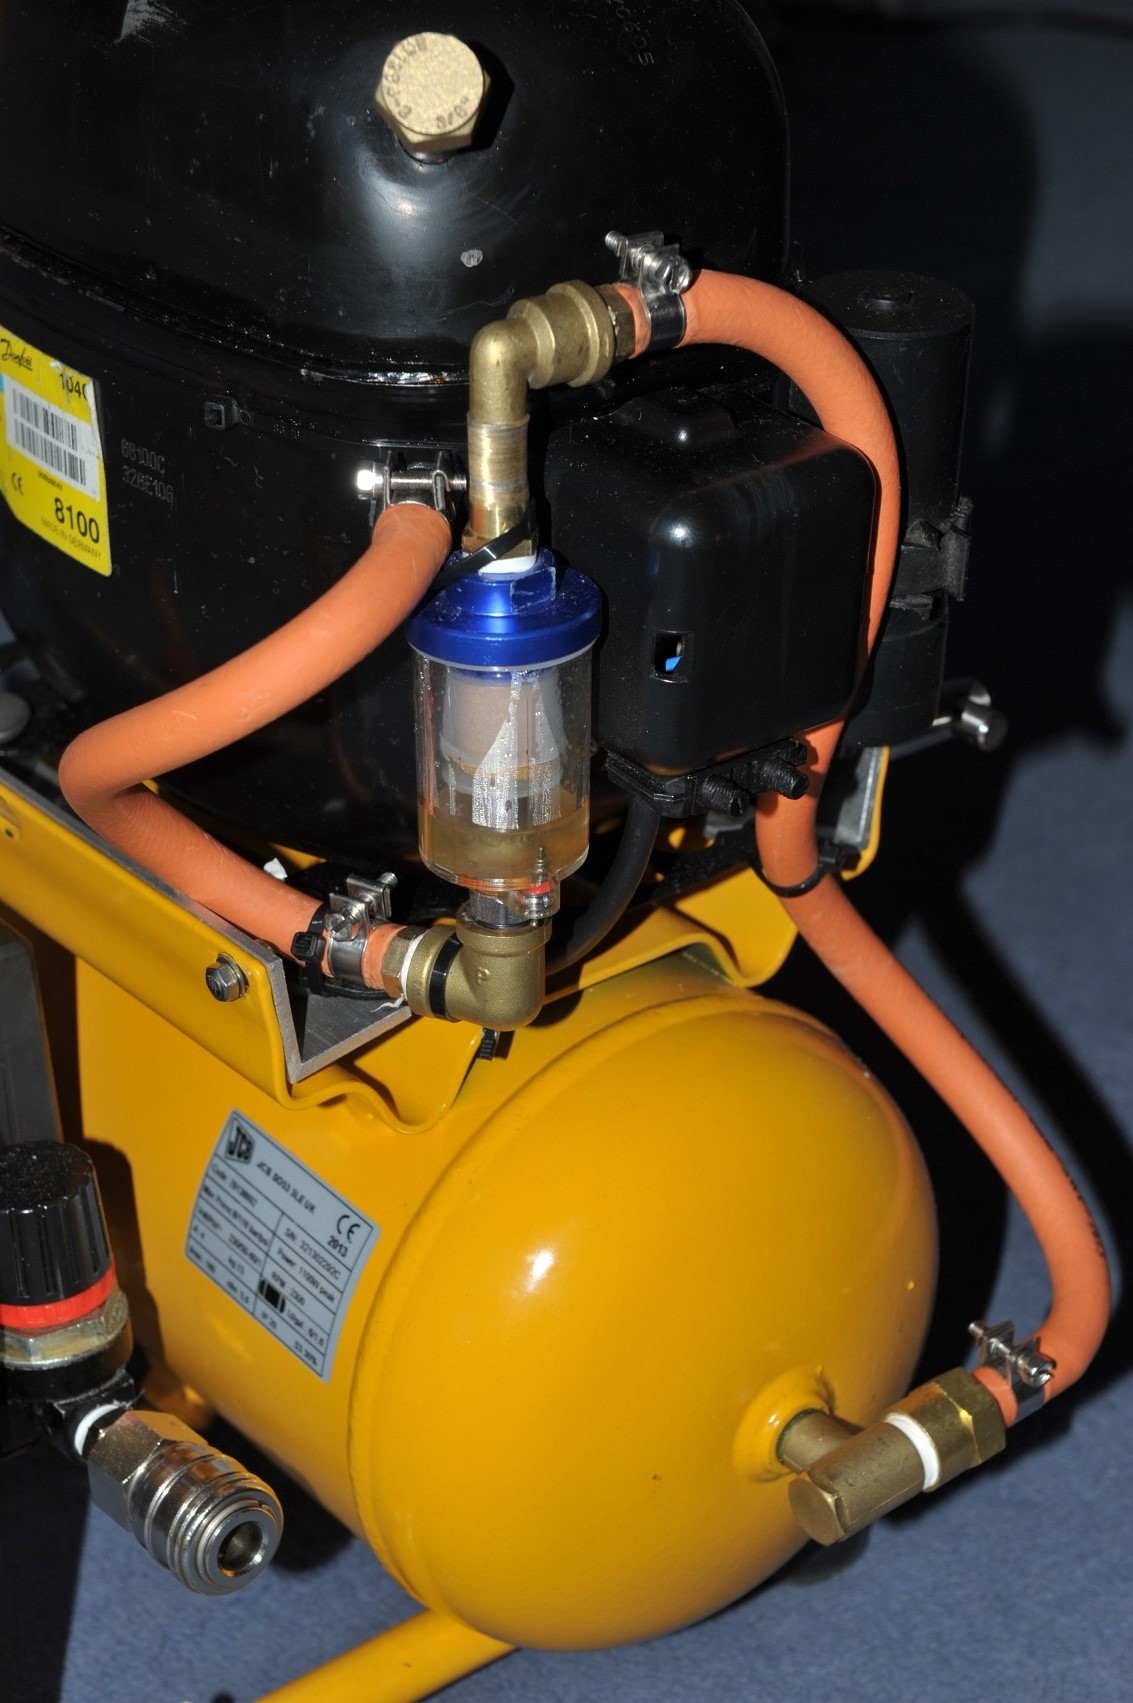 Building a Fridge compressor Air compressor | Matt's Tech Pages